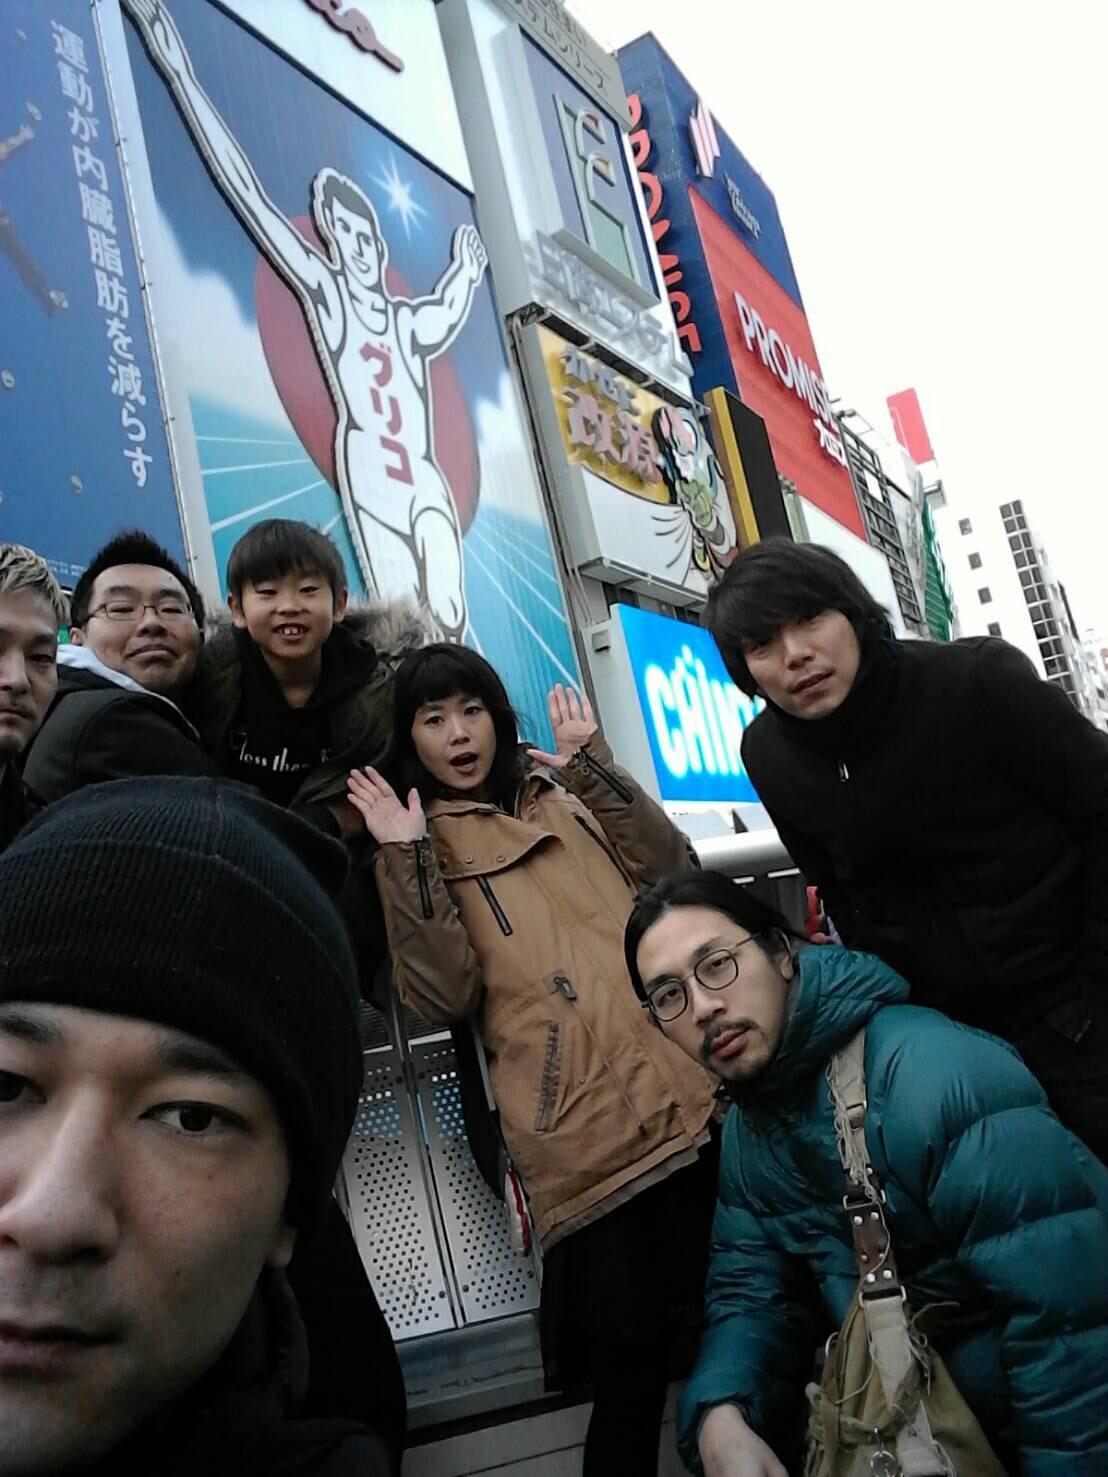 札幌行って大阪行って名古屋行って YUKARI_c0130623_08151089.jpg